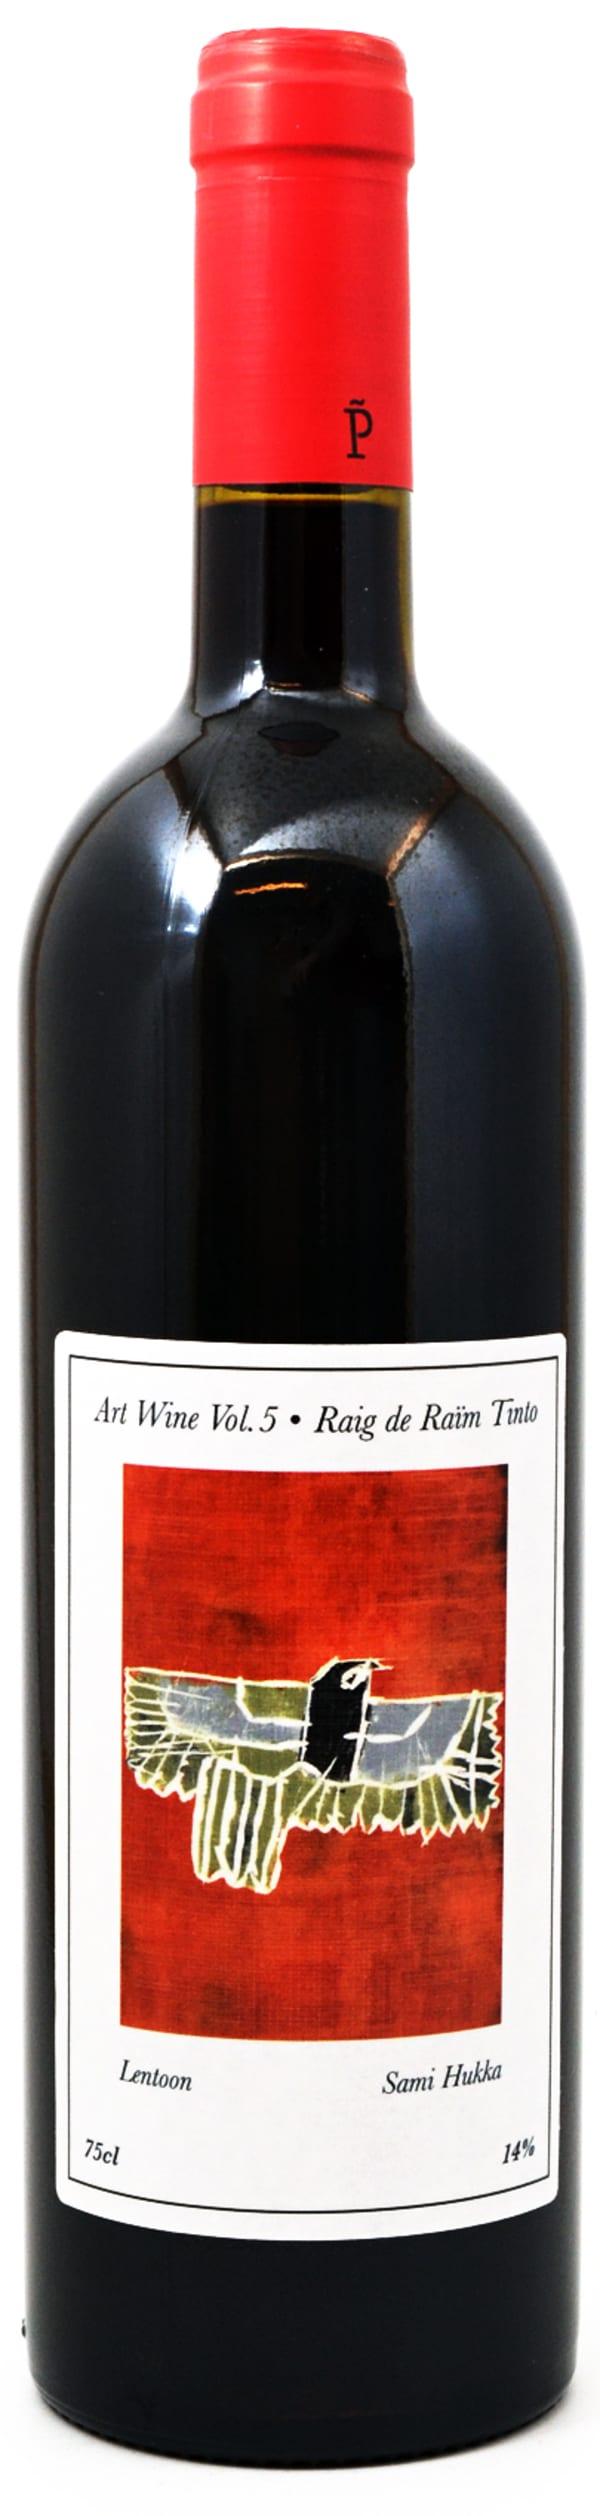 Raig de Raim Tinto Art Wine Vol.5 2011